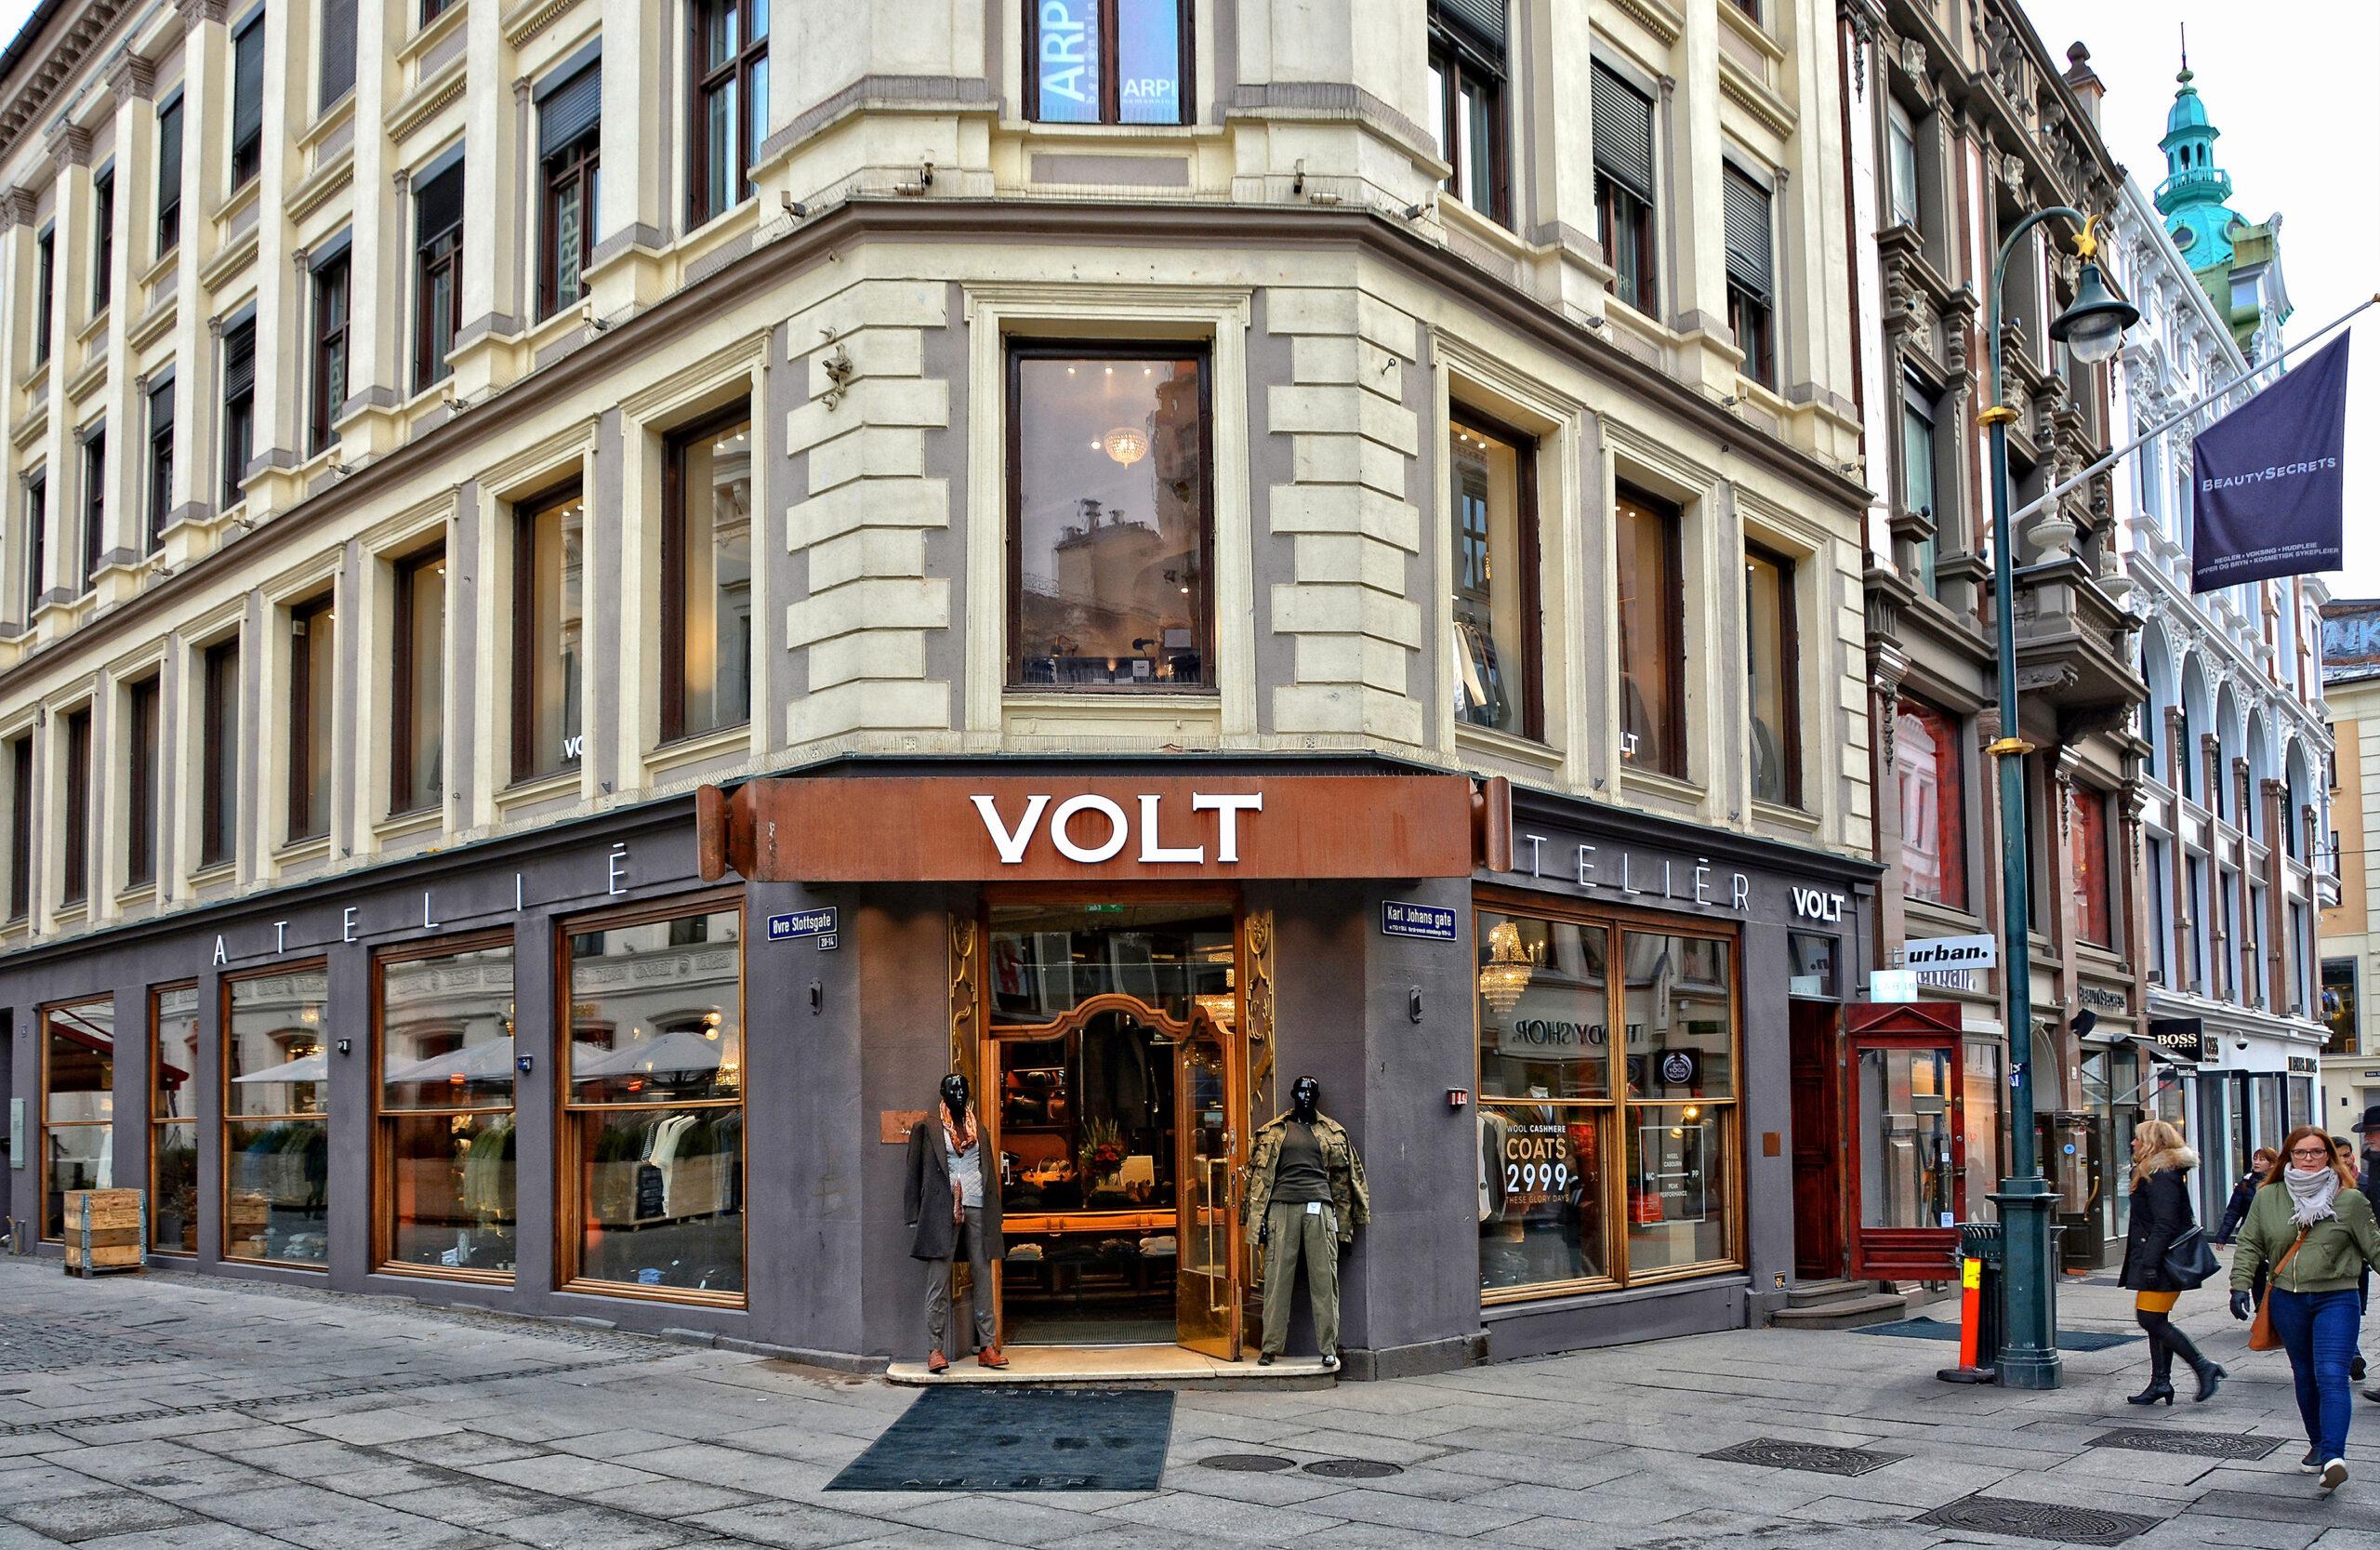 Eksempler butikk shopping priser inflasjon Norge Oslo prisvekst